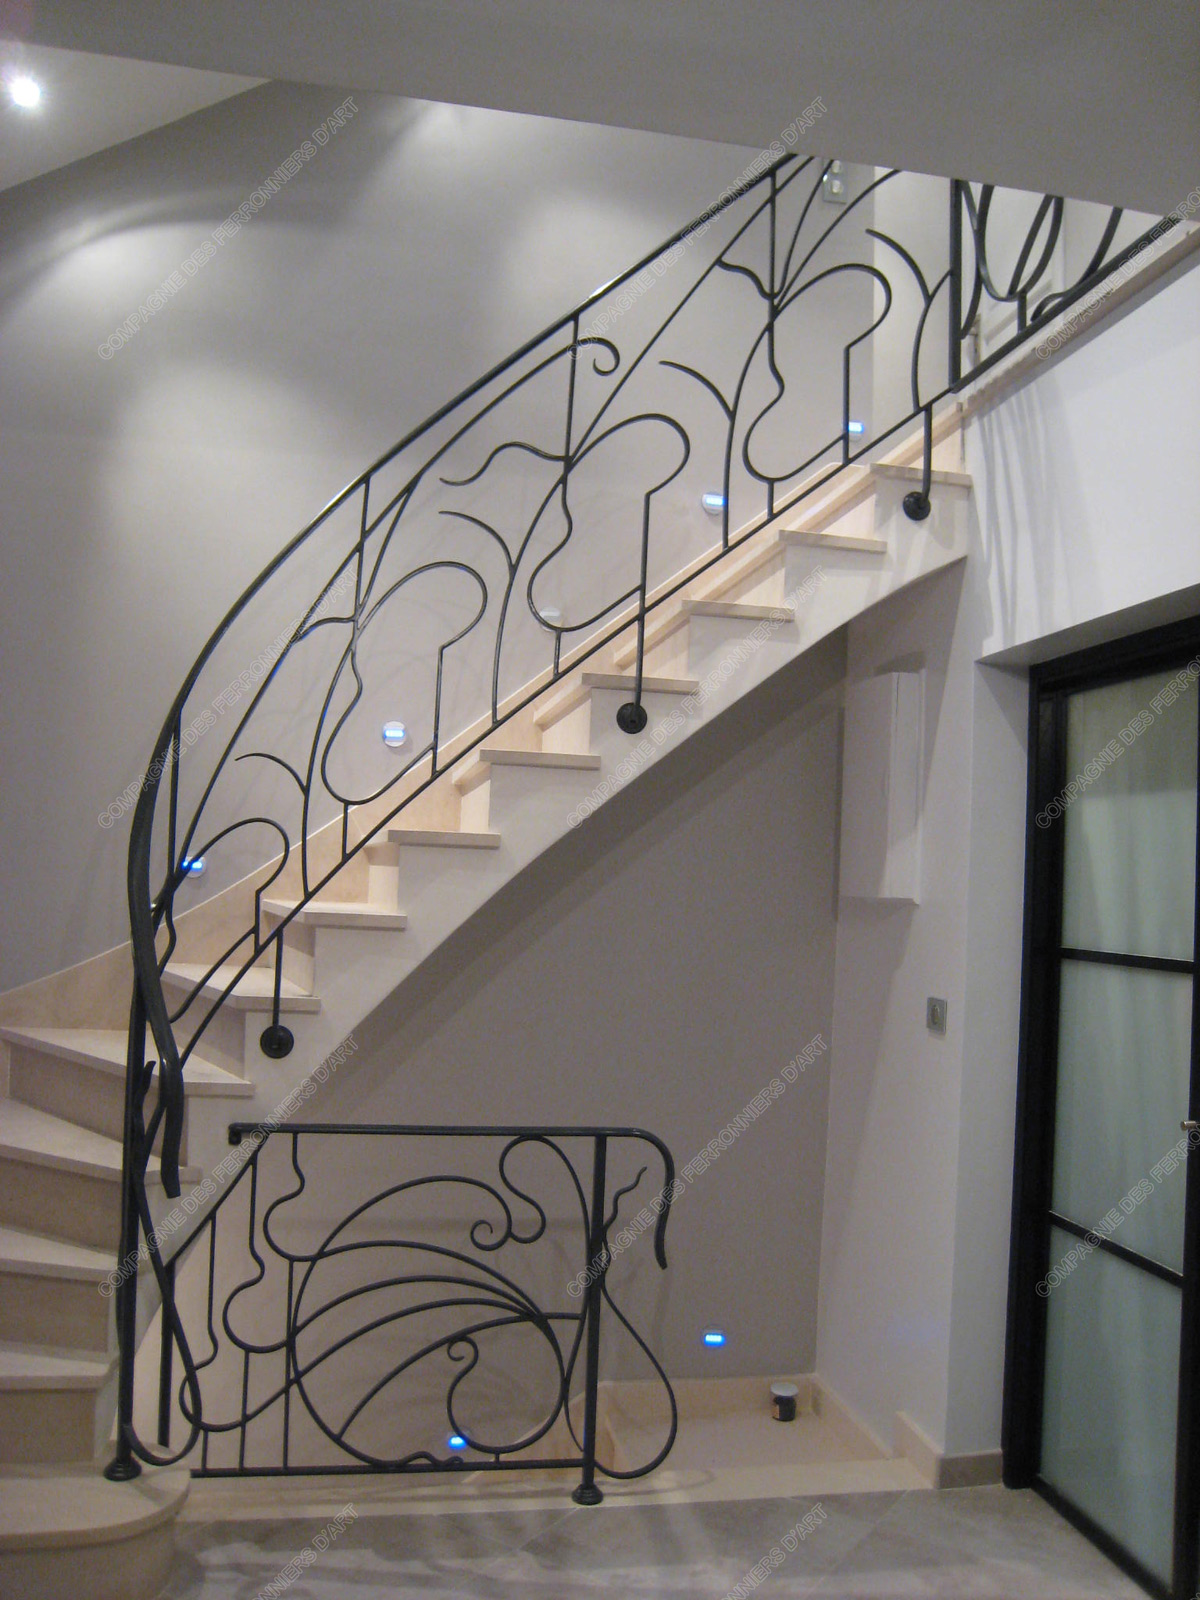 Rampes d 39 escalier en fer forg art nouveau mod le liane arabesque for Dessin en fer forge